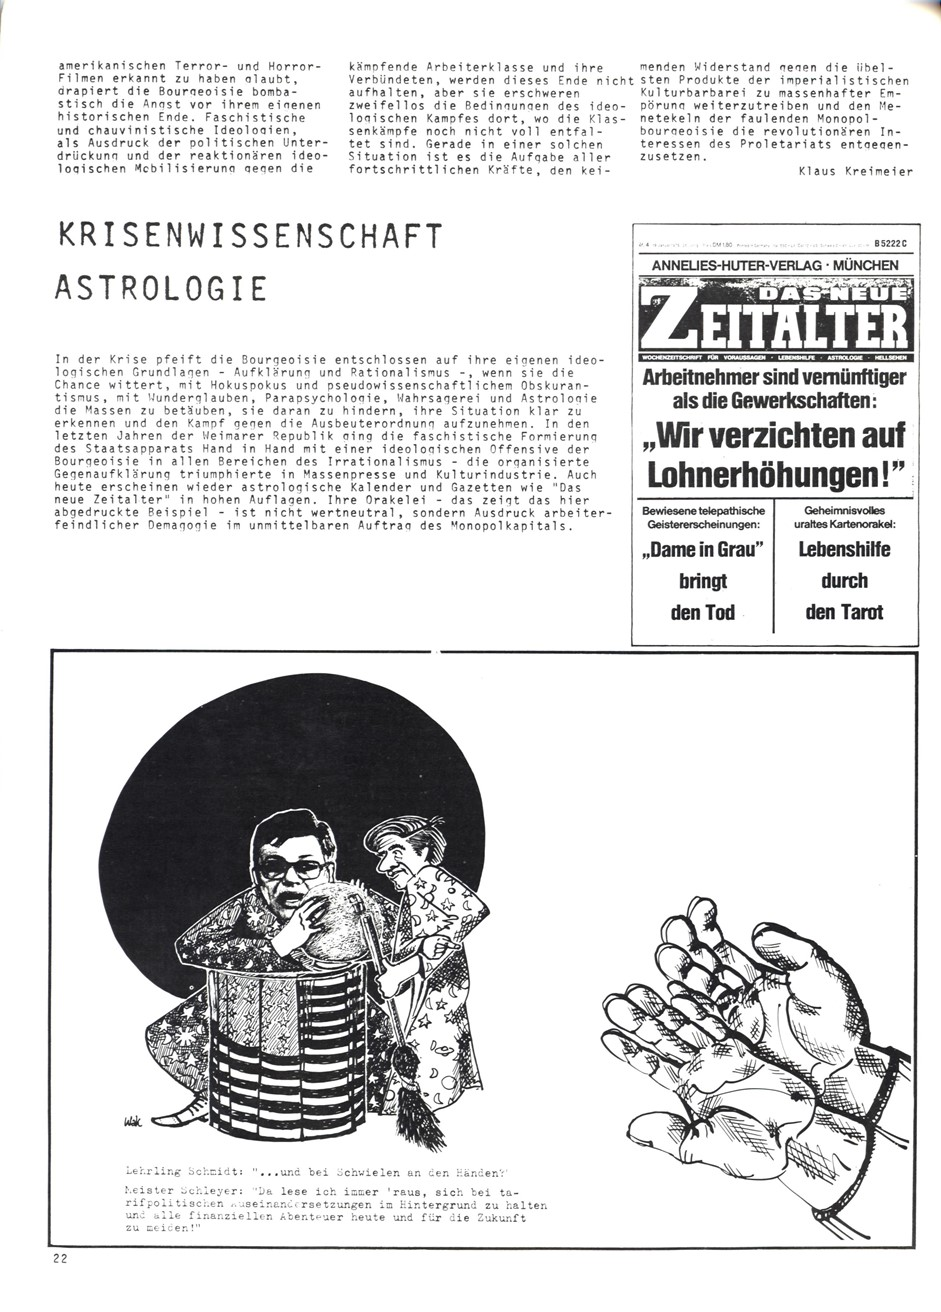 VSK_Kaempfende_Kunst_19750300_22